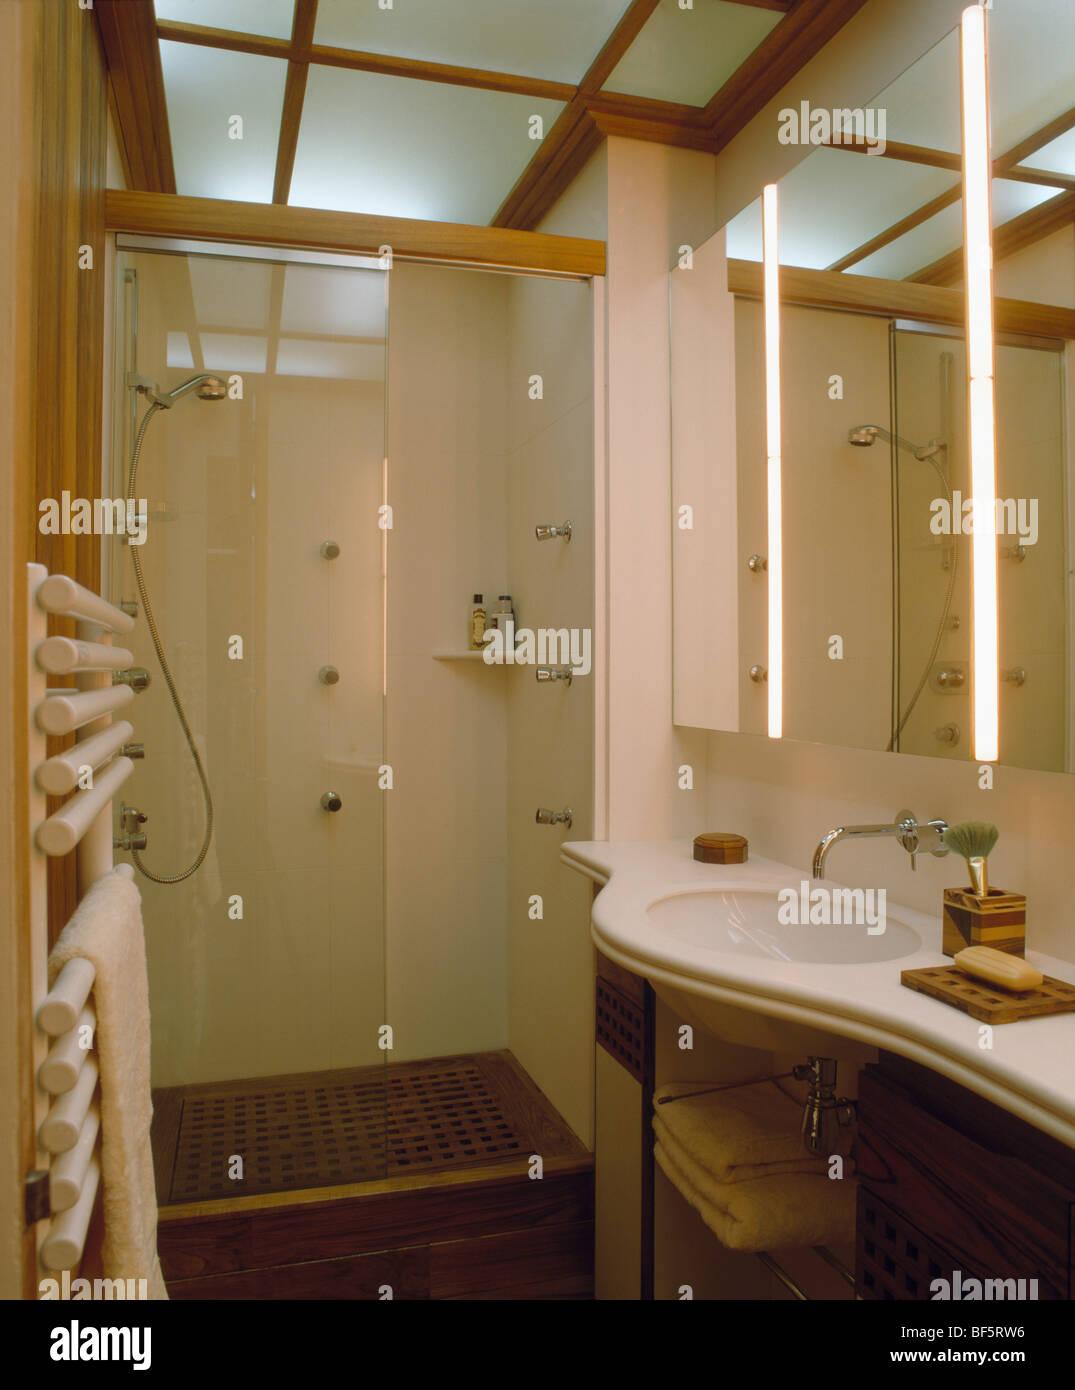 Opaken Glasscheiben in Decke im modernen Badezimmer mit ...